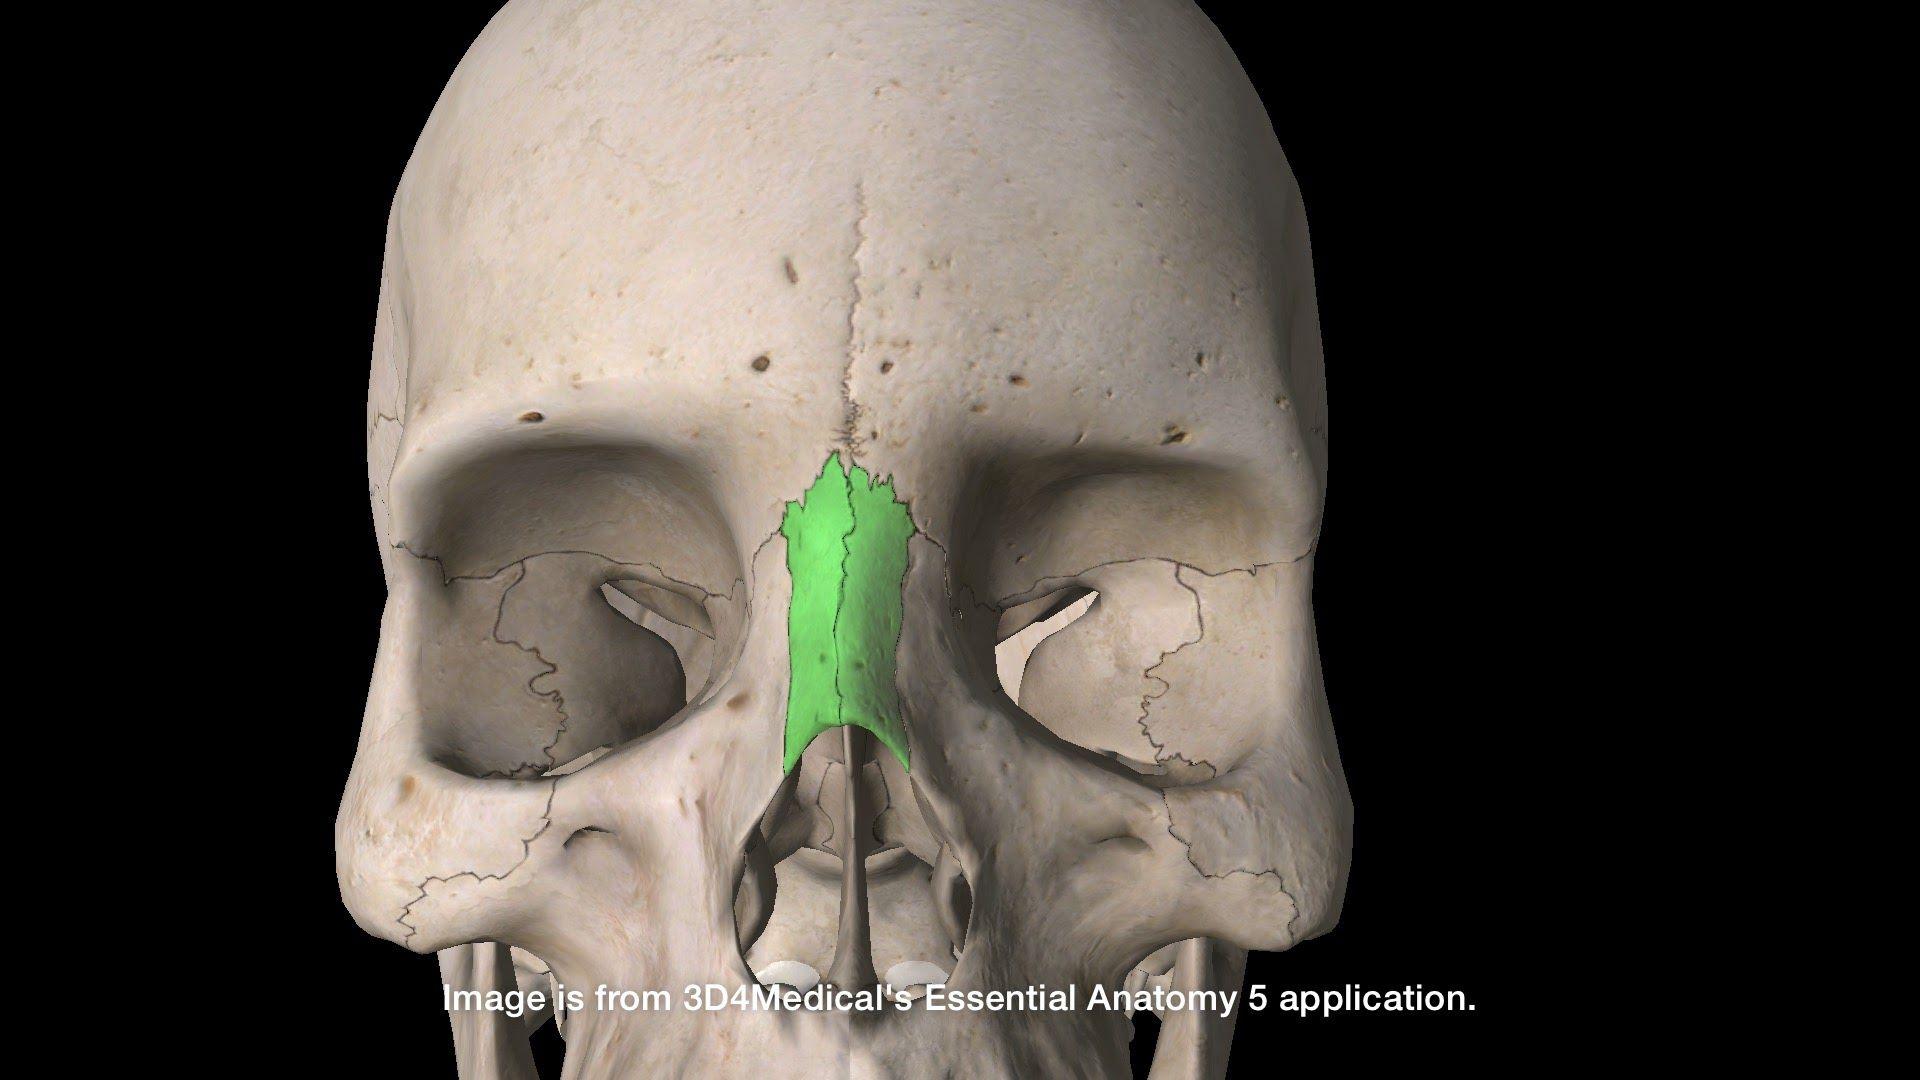 Left and Right Nasal Bones | Tiempos verbales | Pinterest | Human skull